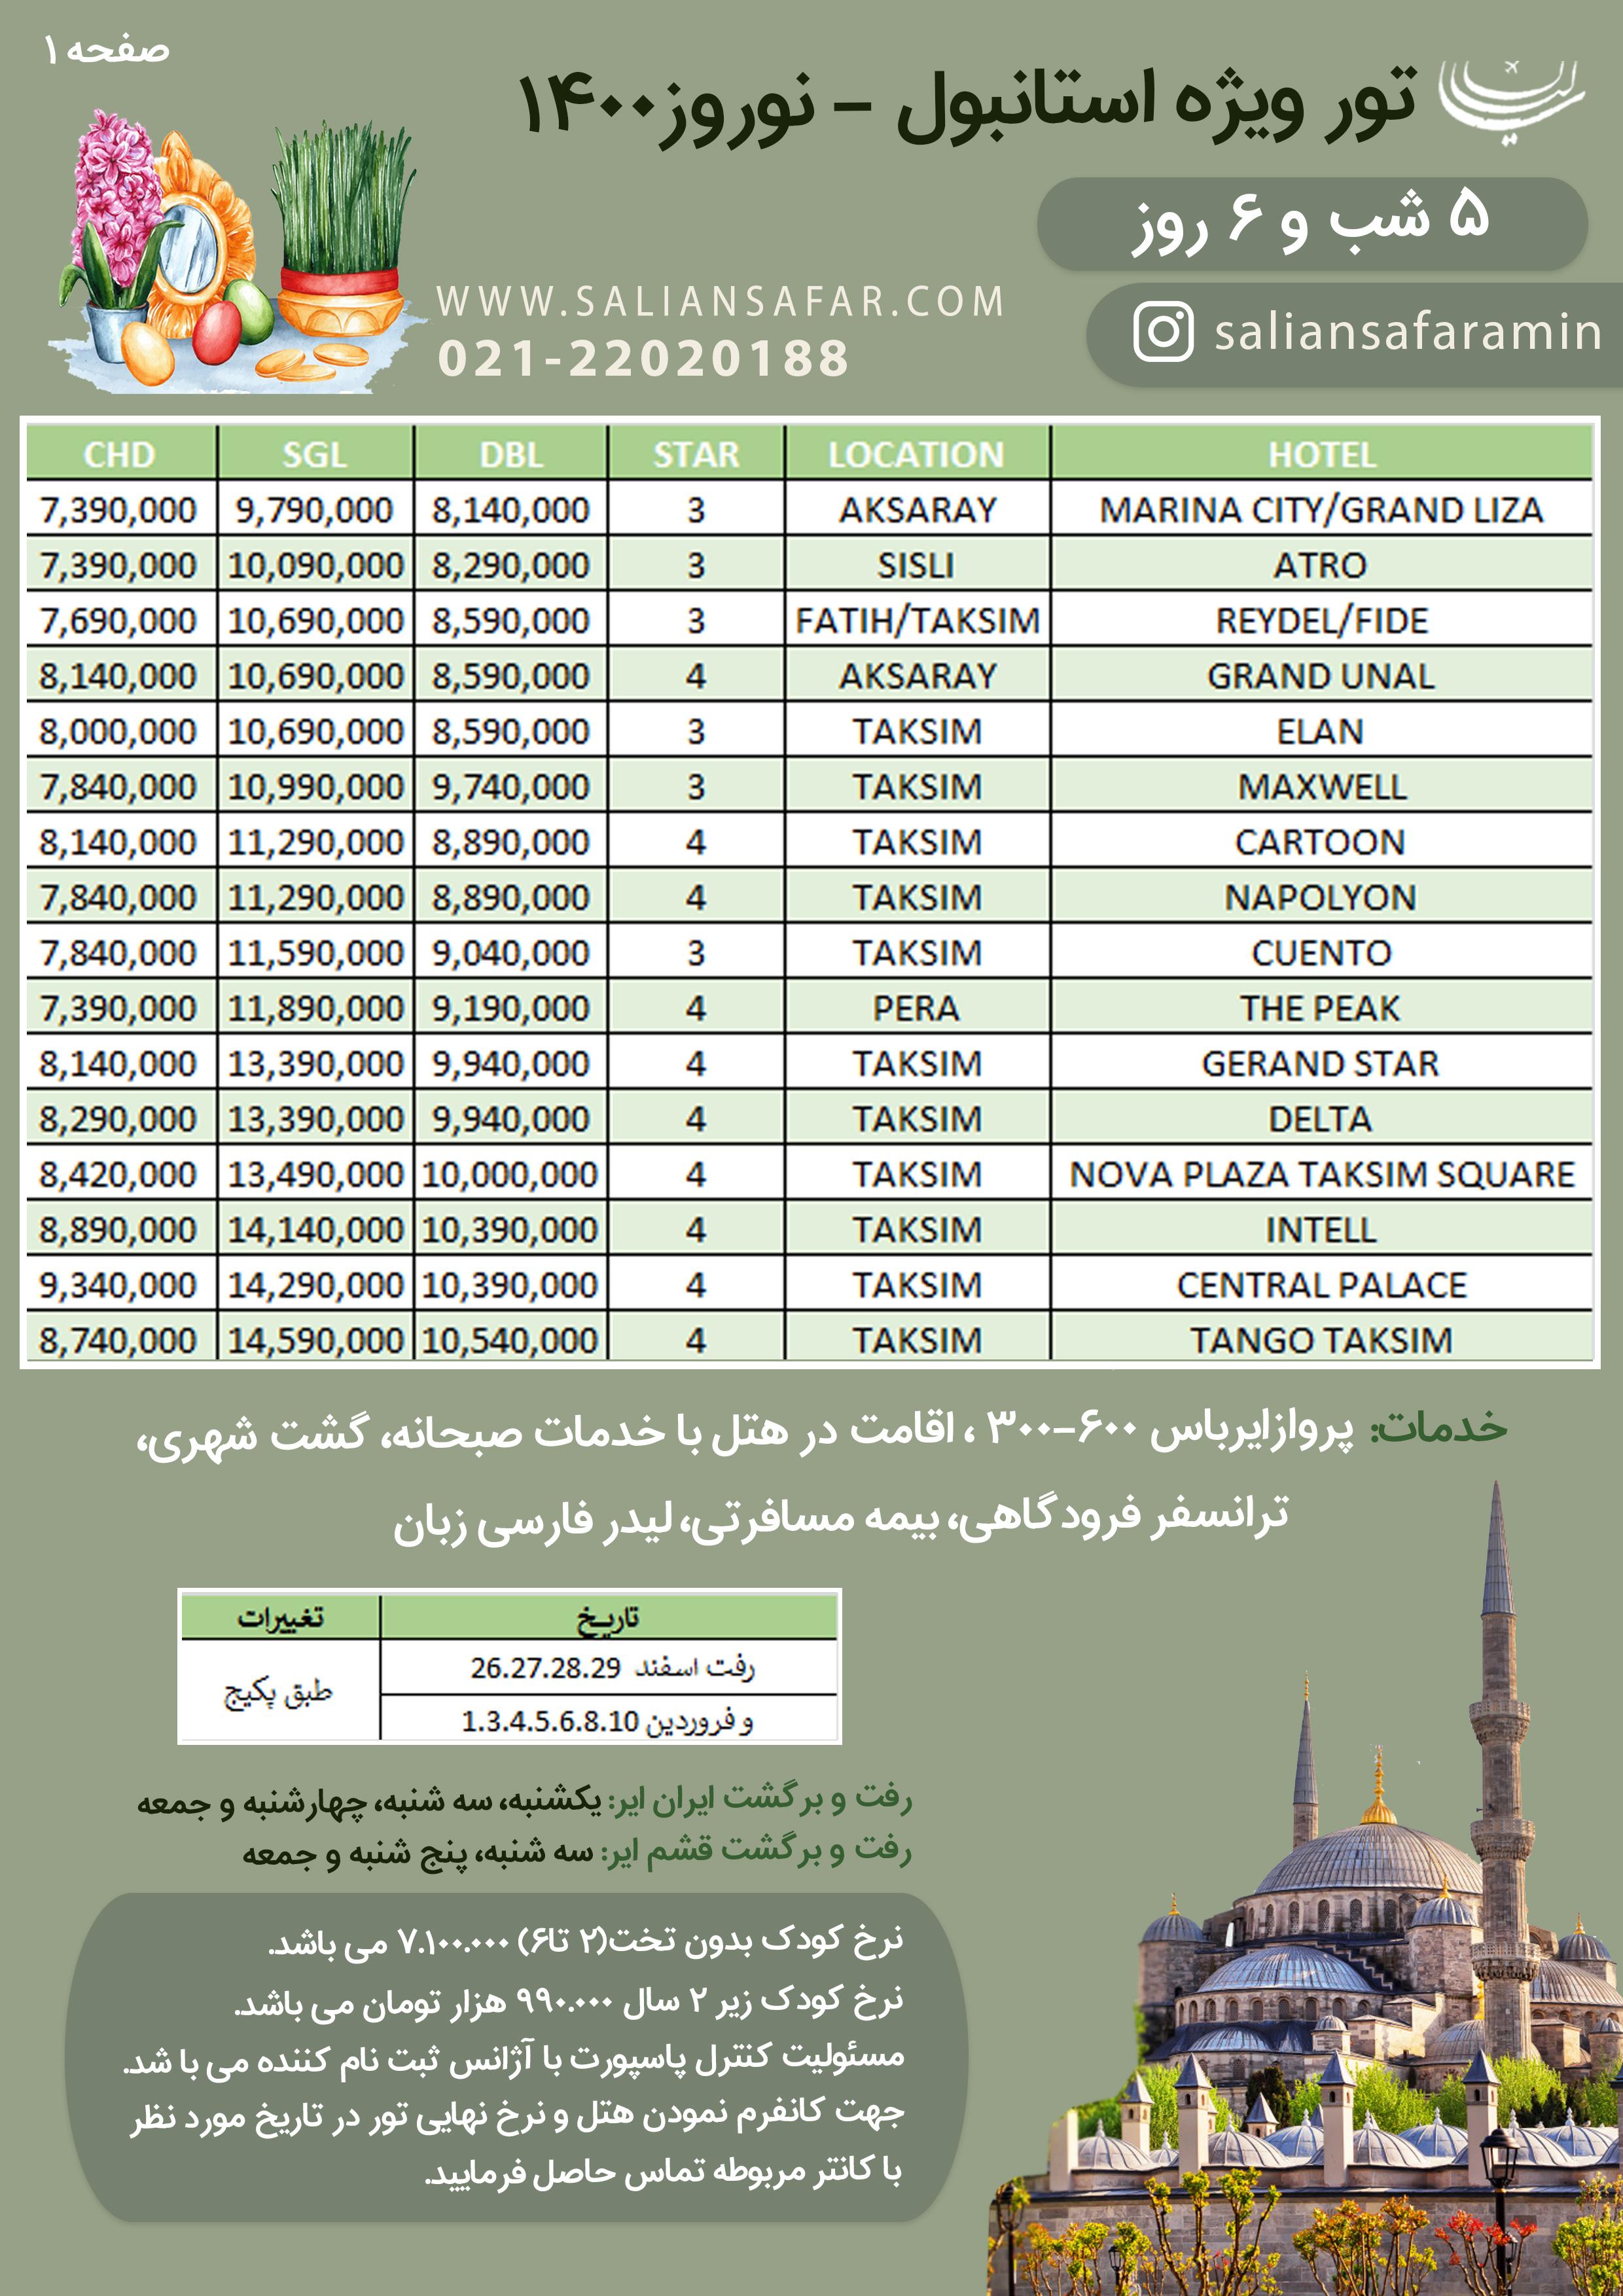 تور استانبول 5 شب و 6 روز نوروز 1400